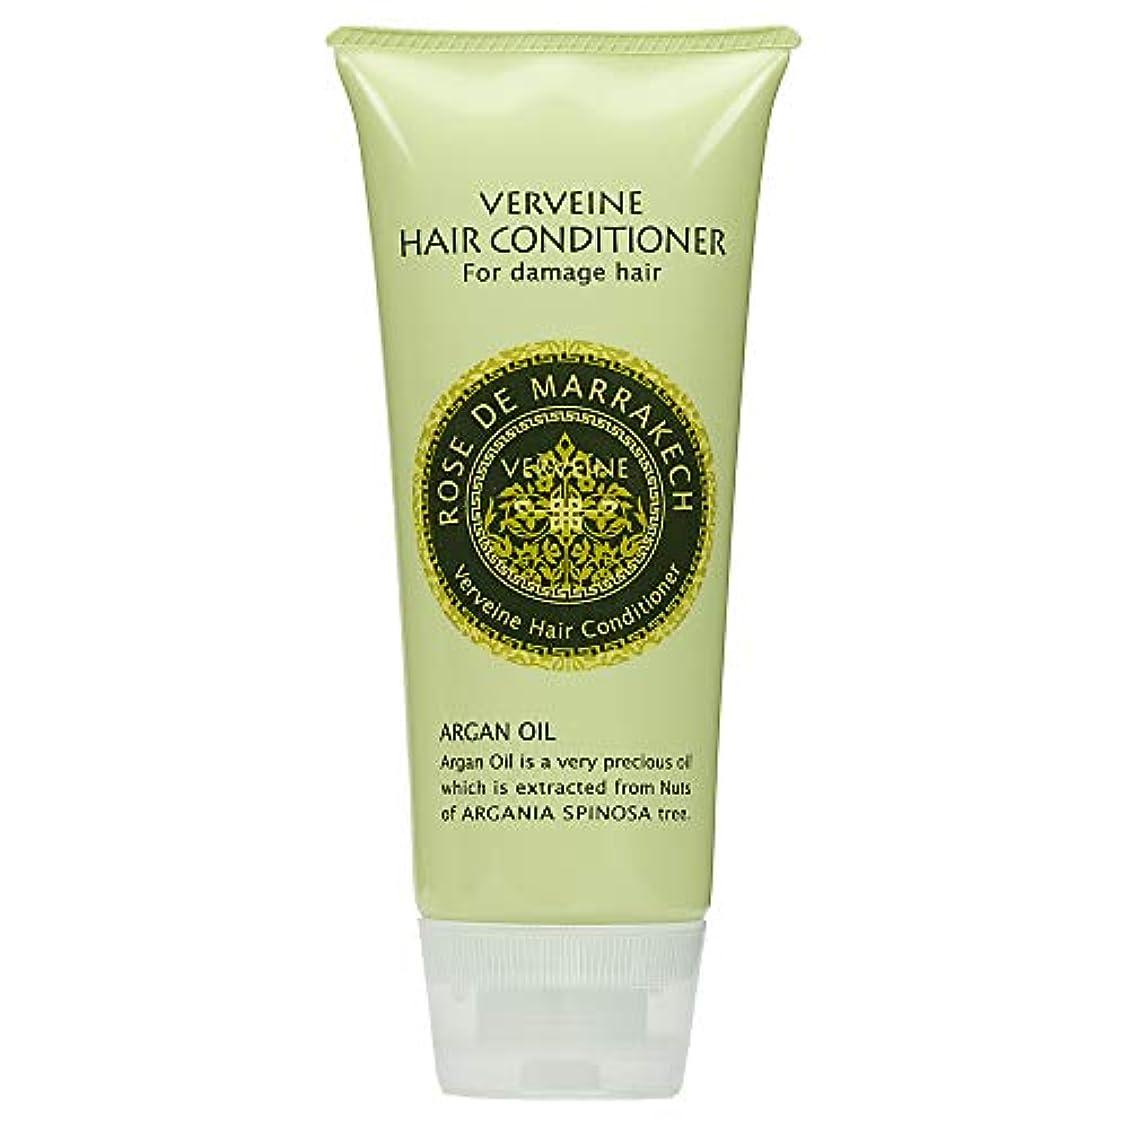 調査ワゴンドラッグローズ ド マラケシュ ヴェルヴェーン ヘアコンディショナー [ノンシリコン] 200g(レモンバーベナの香り)